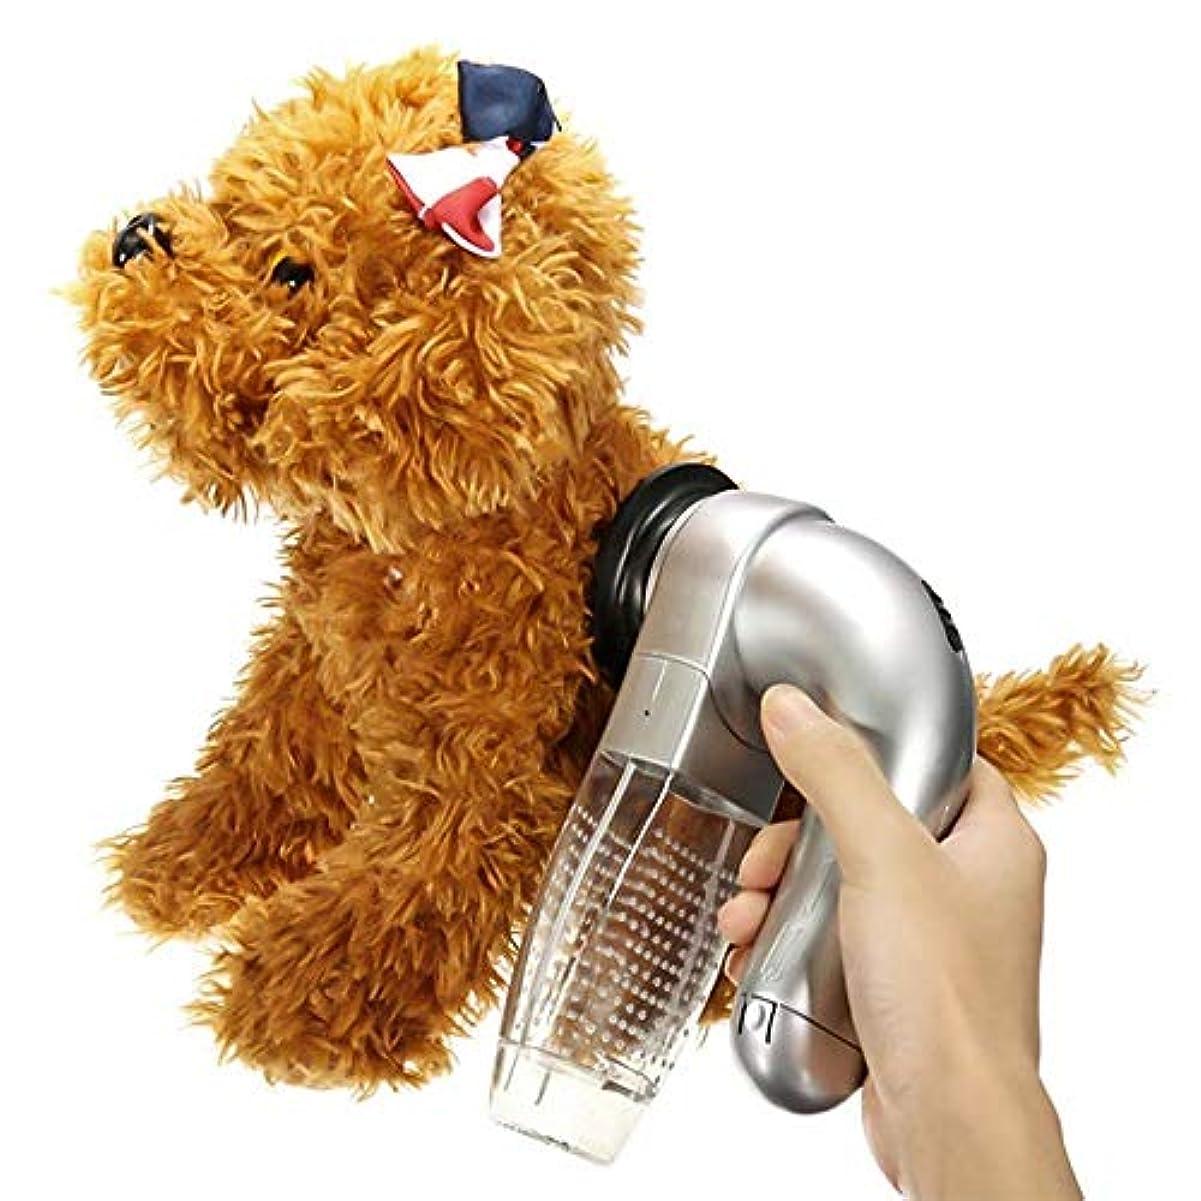 スポーツをする予想外呼吸犬と猫の脱毛器の取り外し電動ペット吸引ヘアデバイスポータブルペットマッサージクリーニング掃除機ソフトラバー用猫と犬